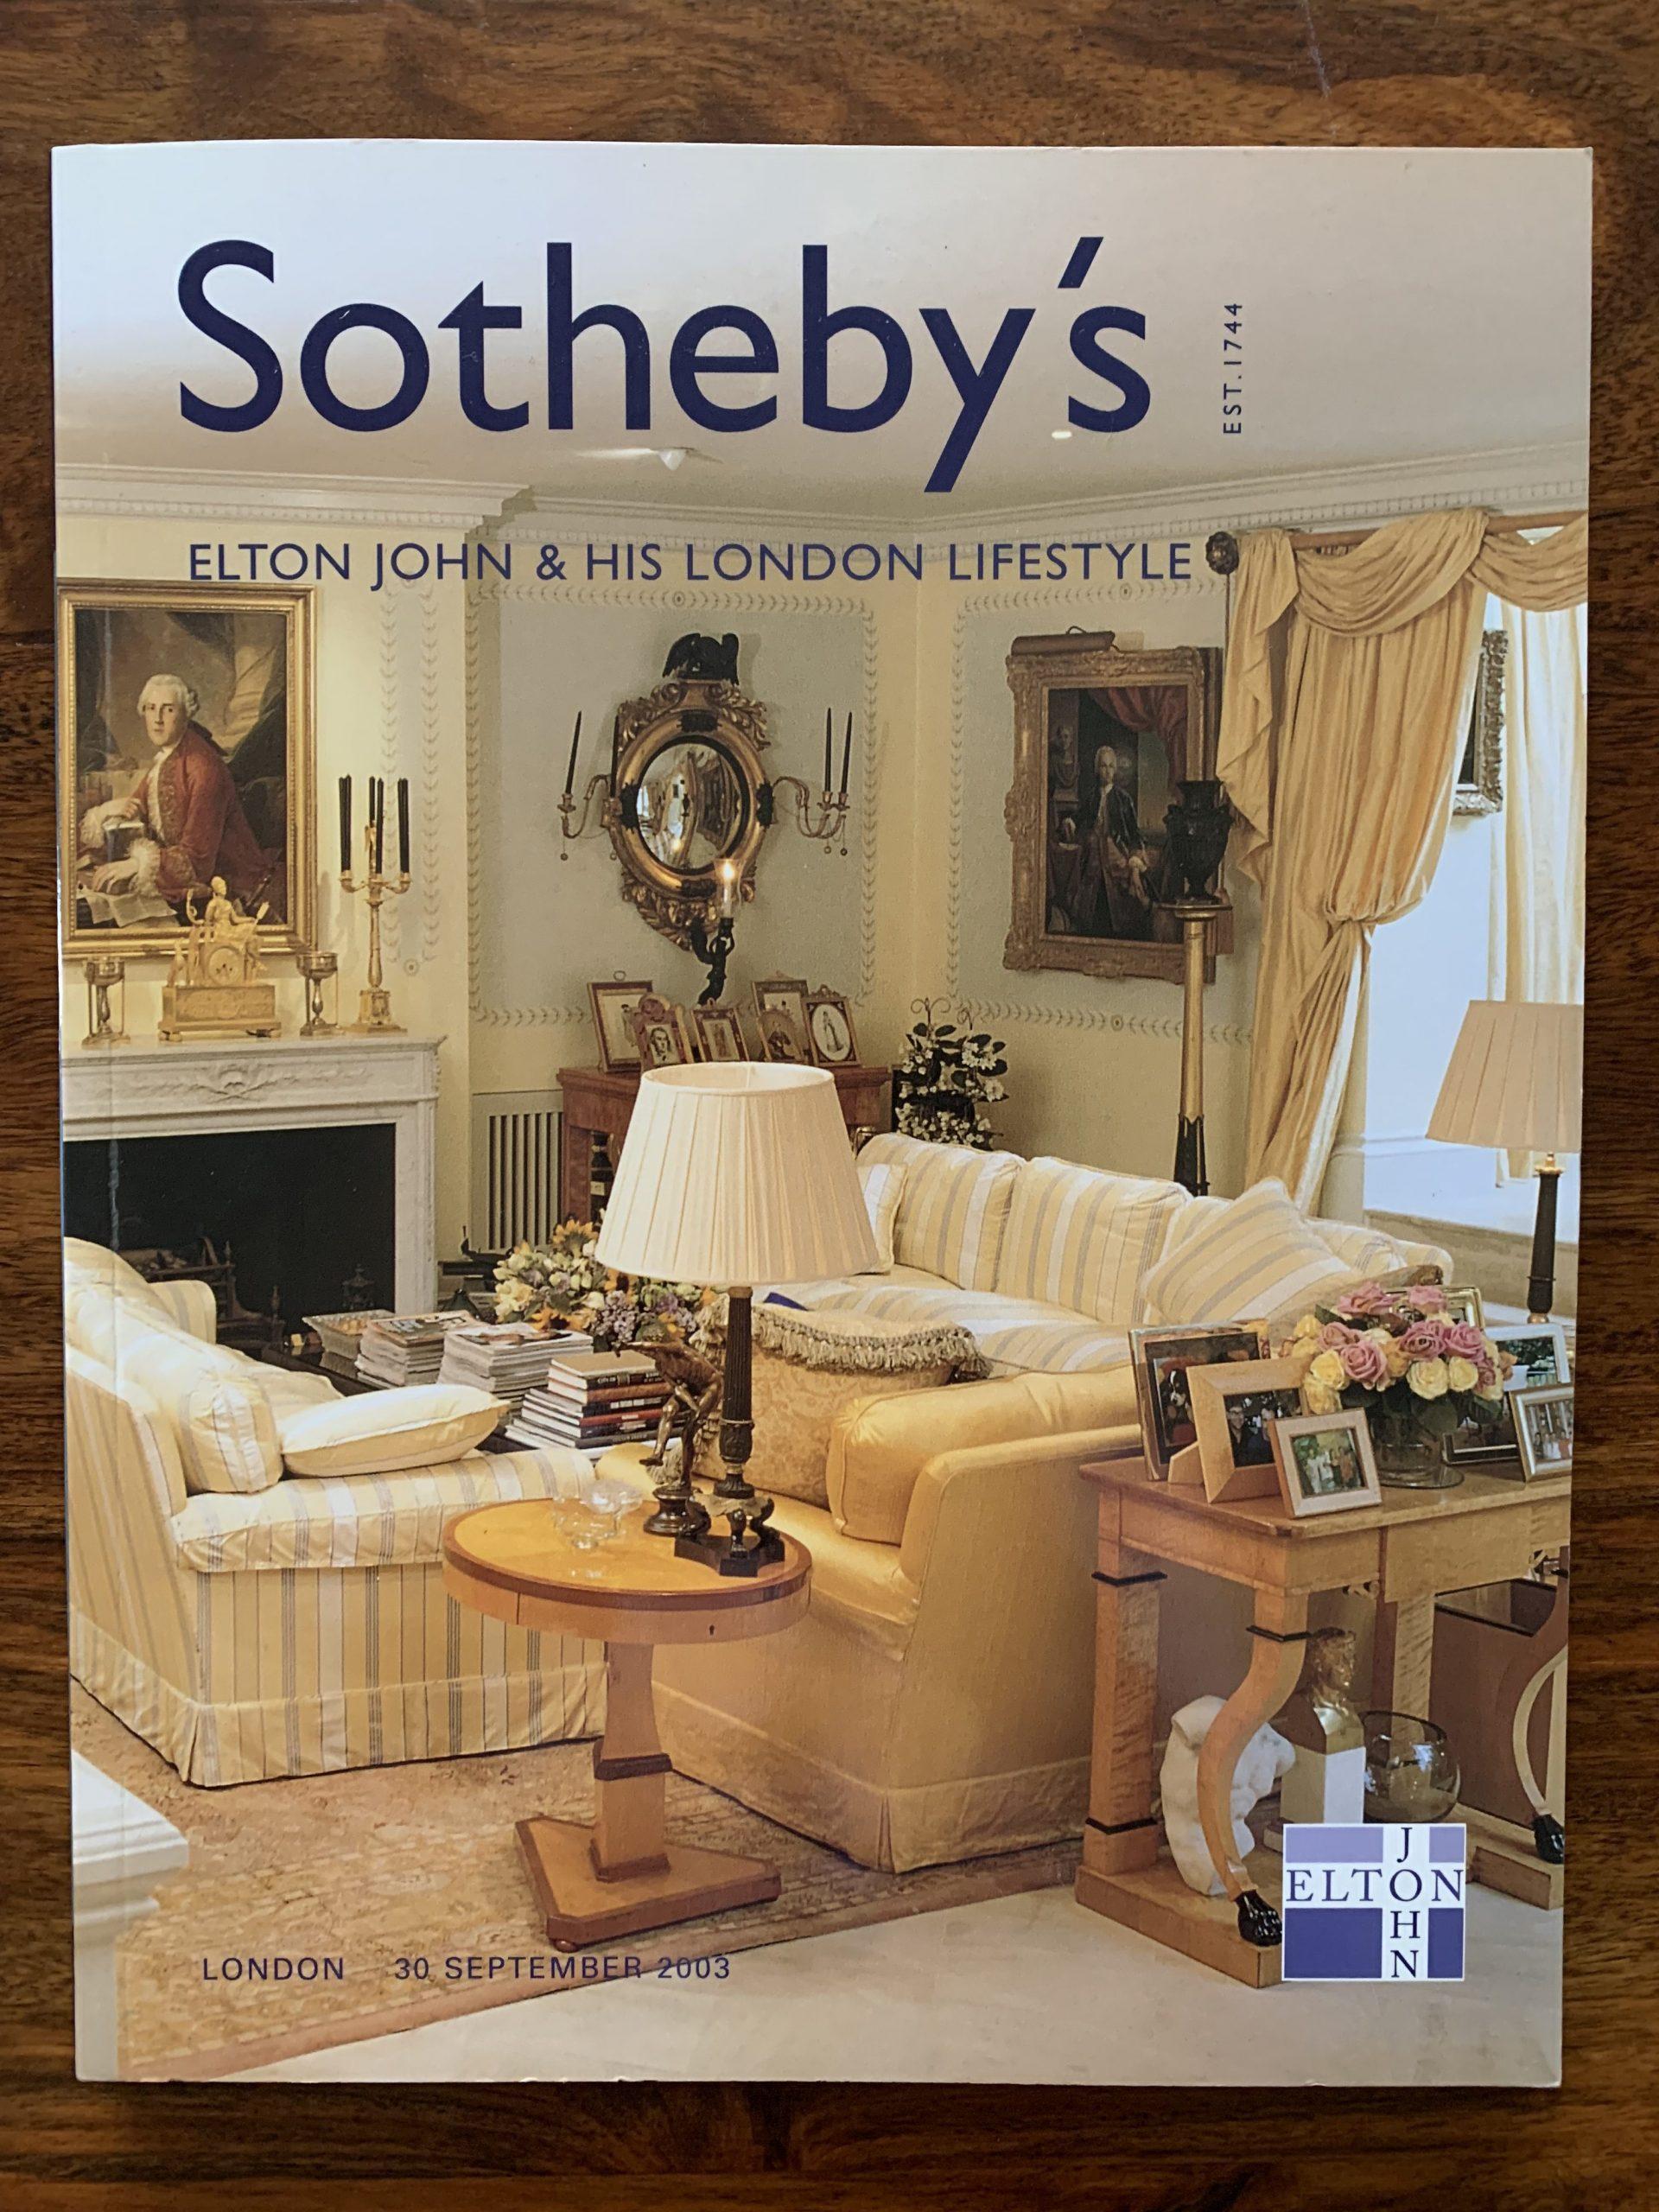 Sotheby's. Elton John & His London Lifestyle.